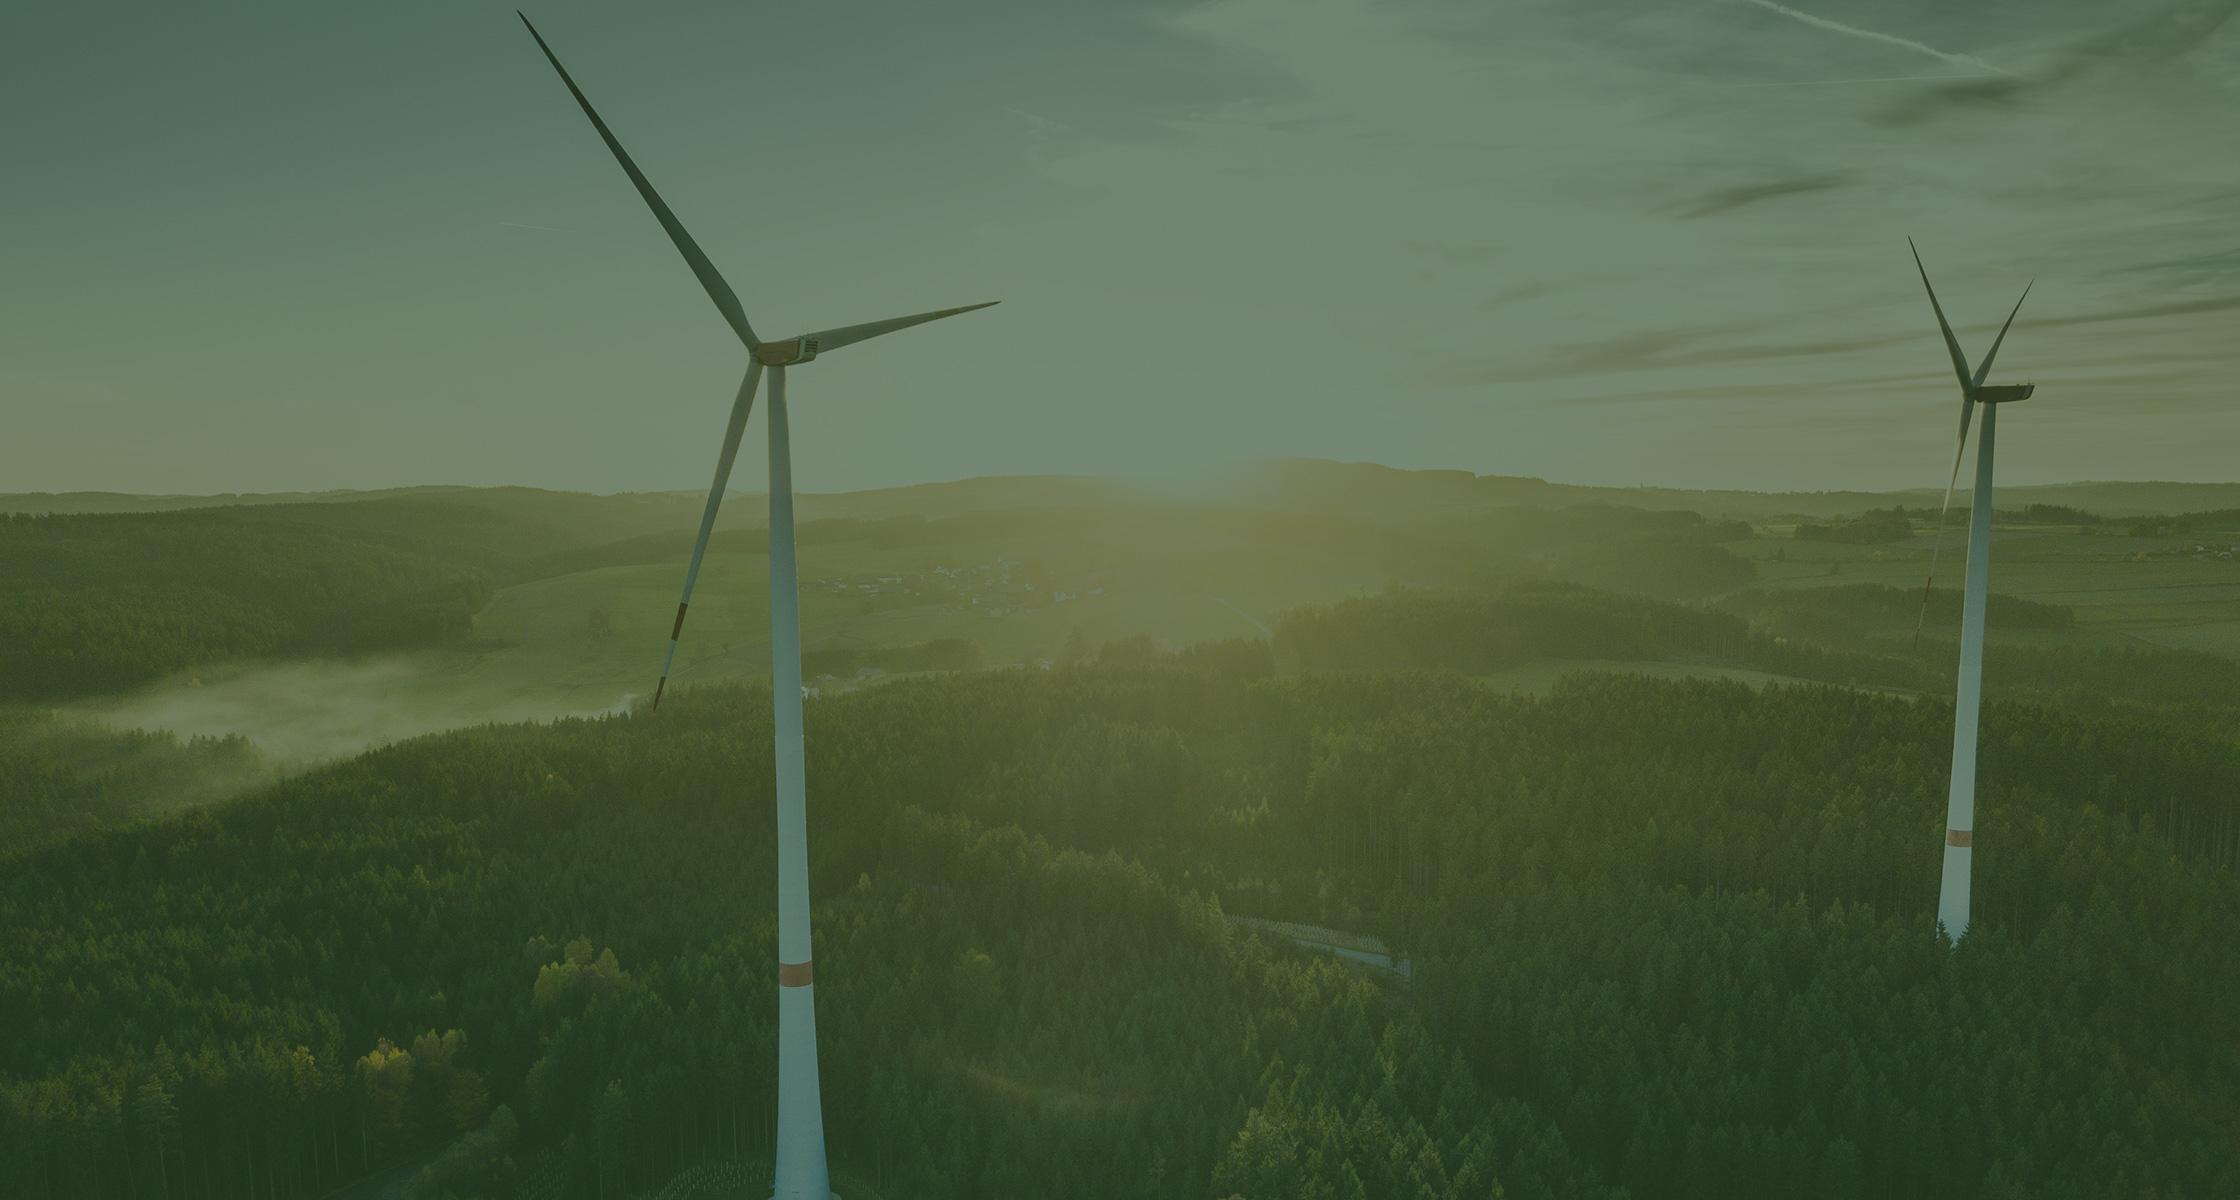 Rein dekoratives Element. Zu sehen ist ein Bild von zwei großen Windrädern, welche inmitten einer weitläufigen Waldfläche stehen. Man erkennt im Hintergrund die untergehende Sonne. Das Bild hat insgesamt ein grünes Overlay aus gestalterischen Zwecken.